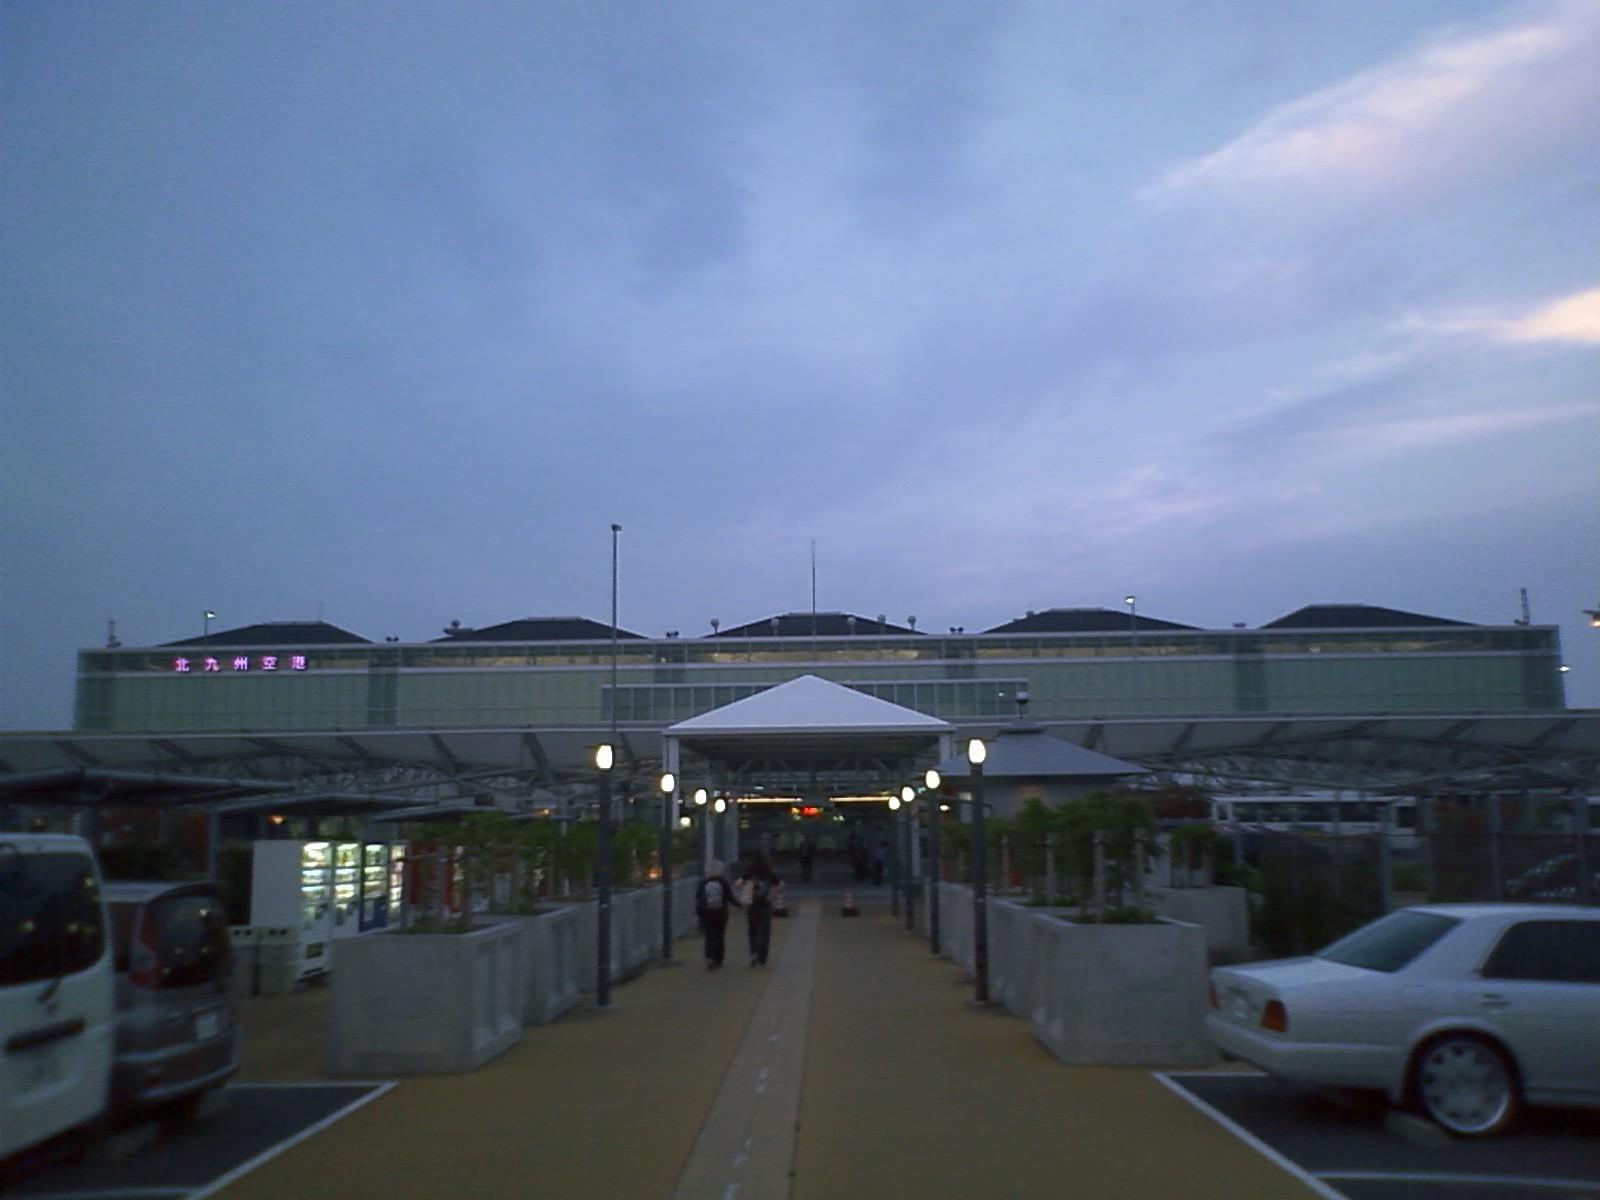 夜の七時というのに、北九州はこの明るさだった